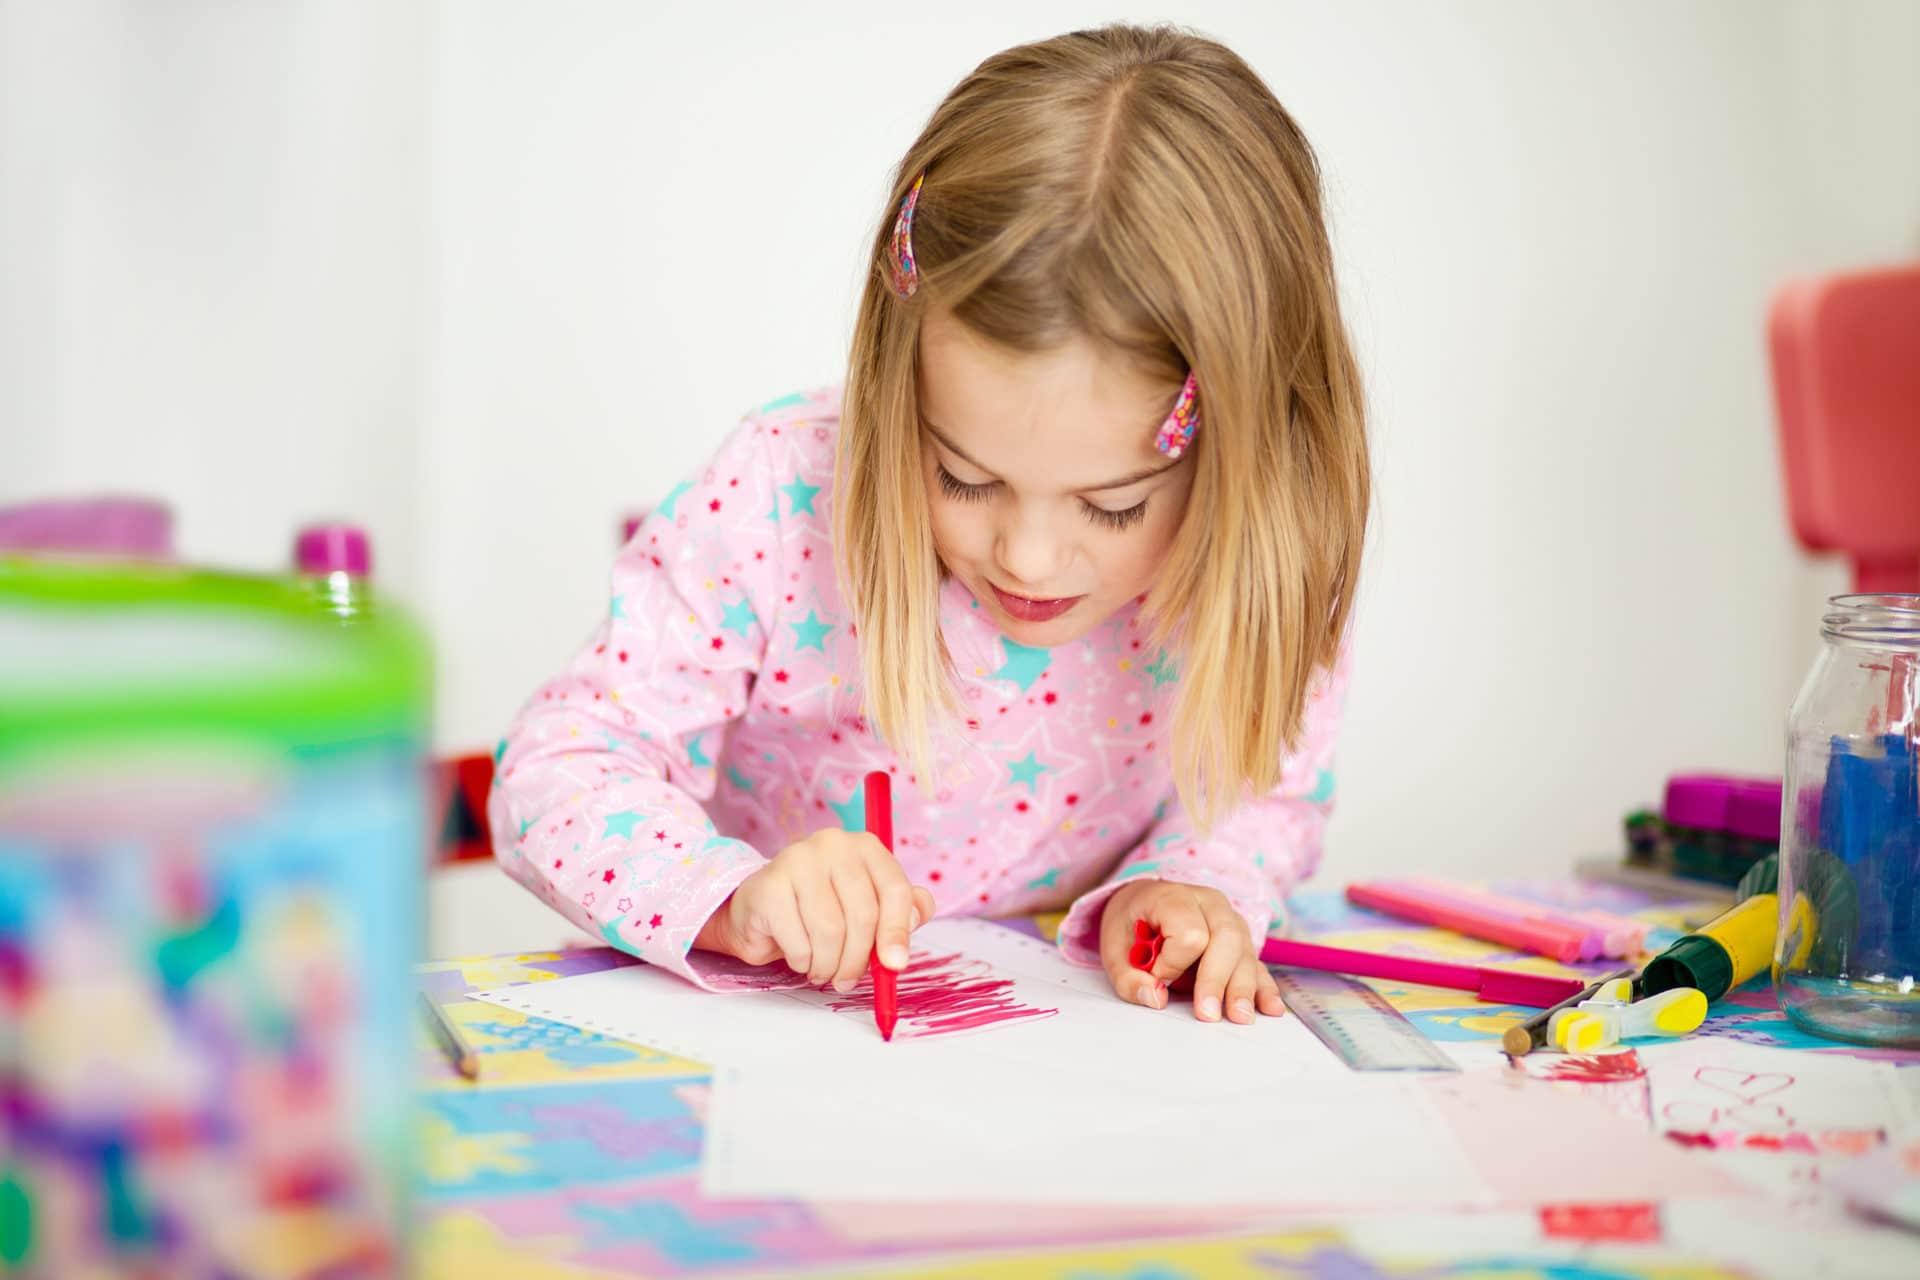 Coloriage Fille Avec Modele.Barbie Coloriage Jeux Et Activites Avec Barbie Cahier